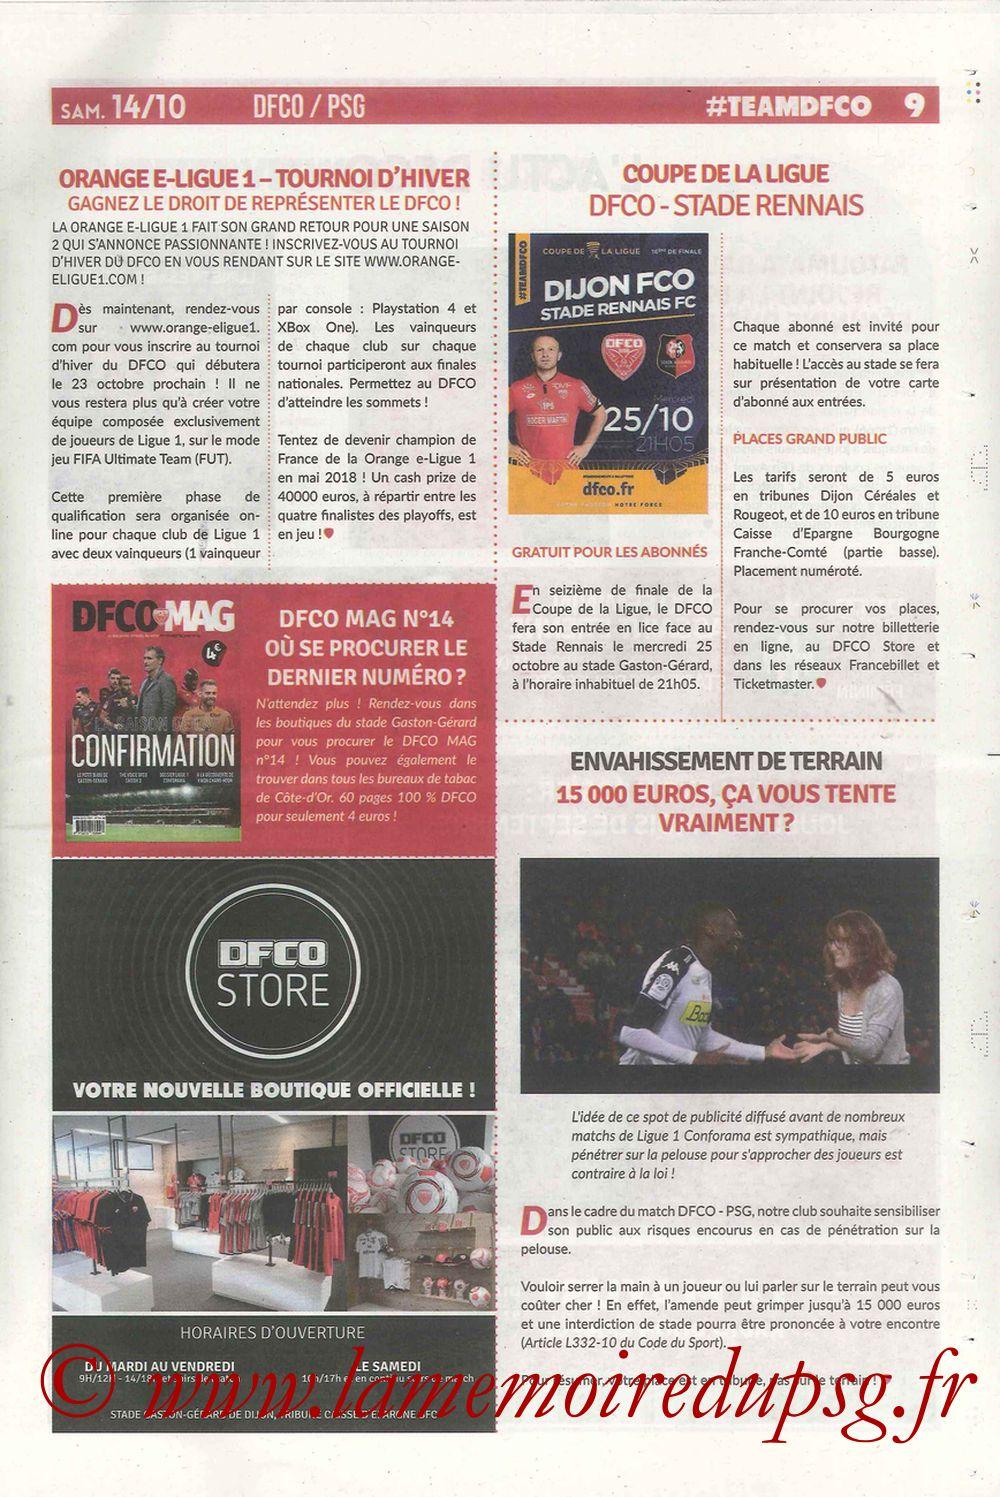 2017-10-14  Dijon-PSG (9ème L1, Chouett'Infos N°5) - Page 09